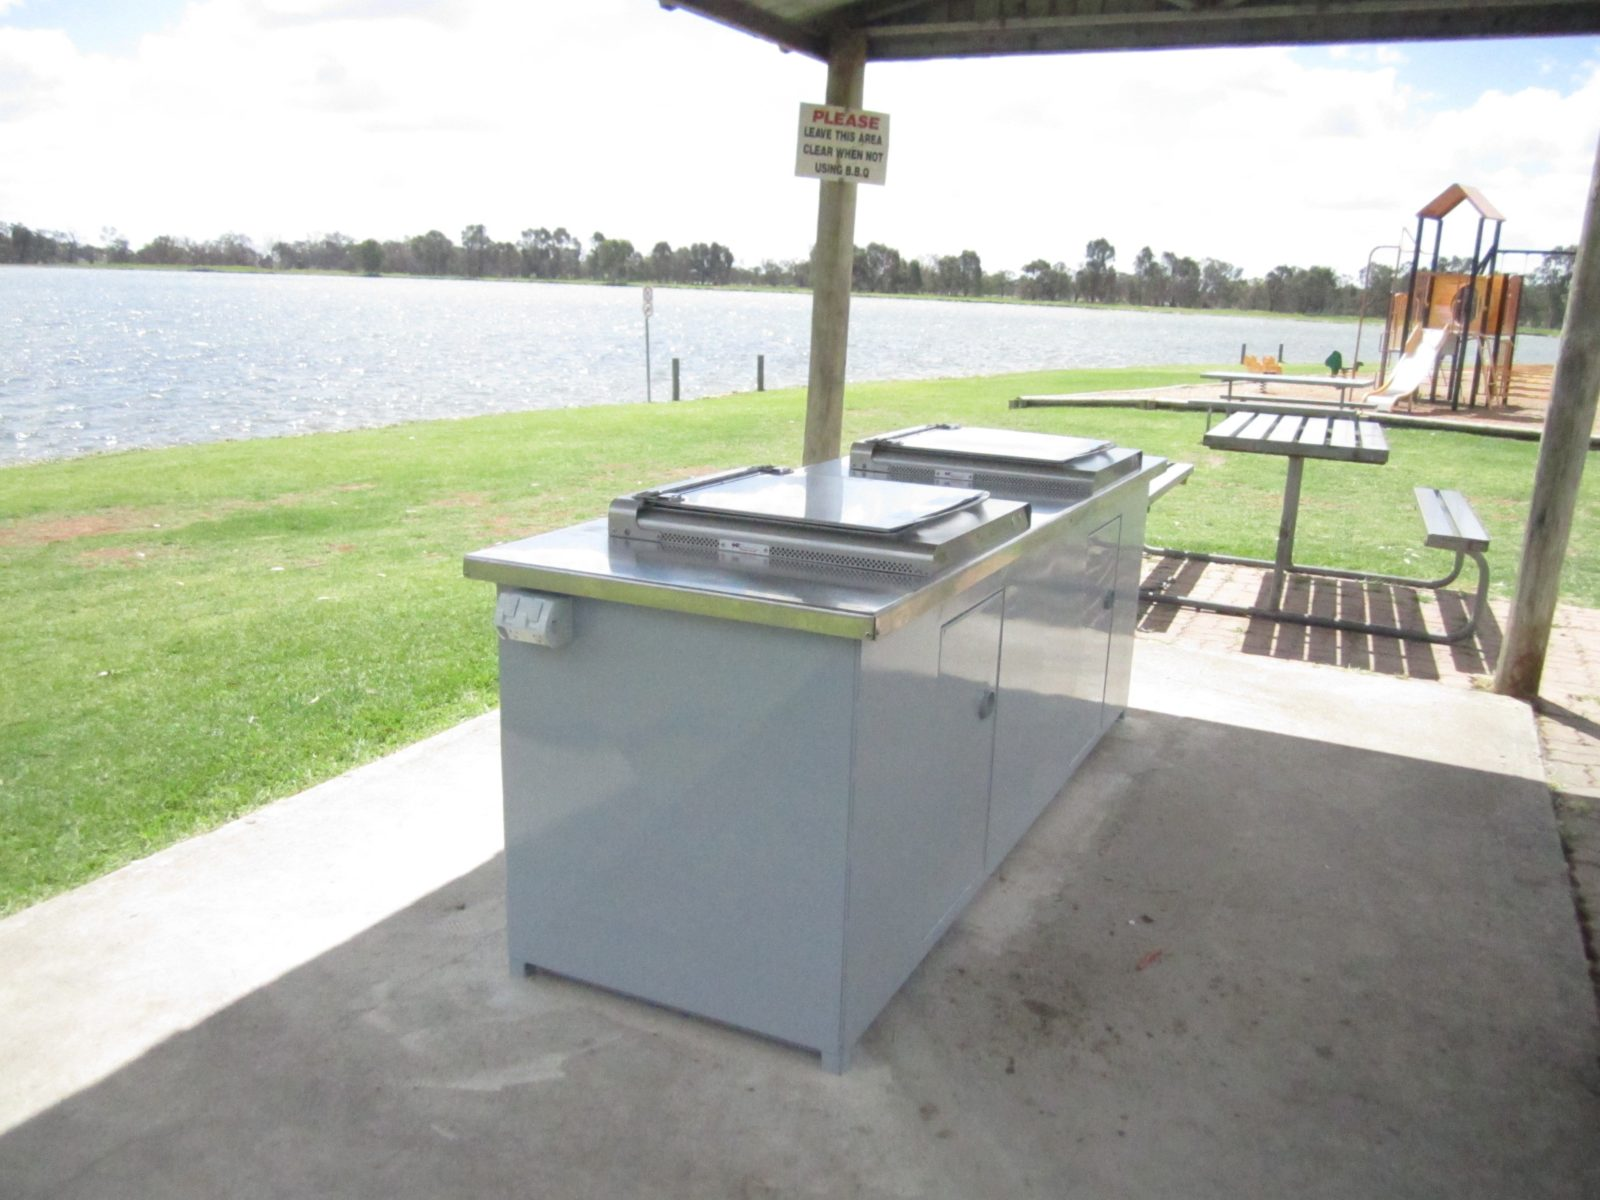 Free barbecues at Gum Bend Lake